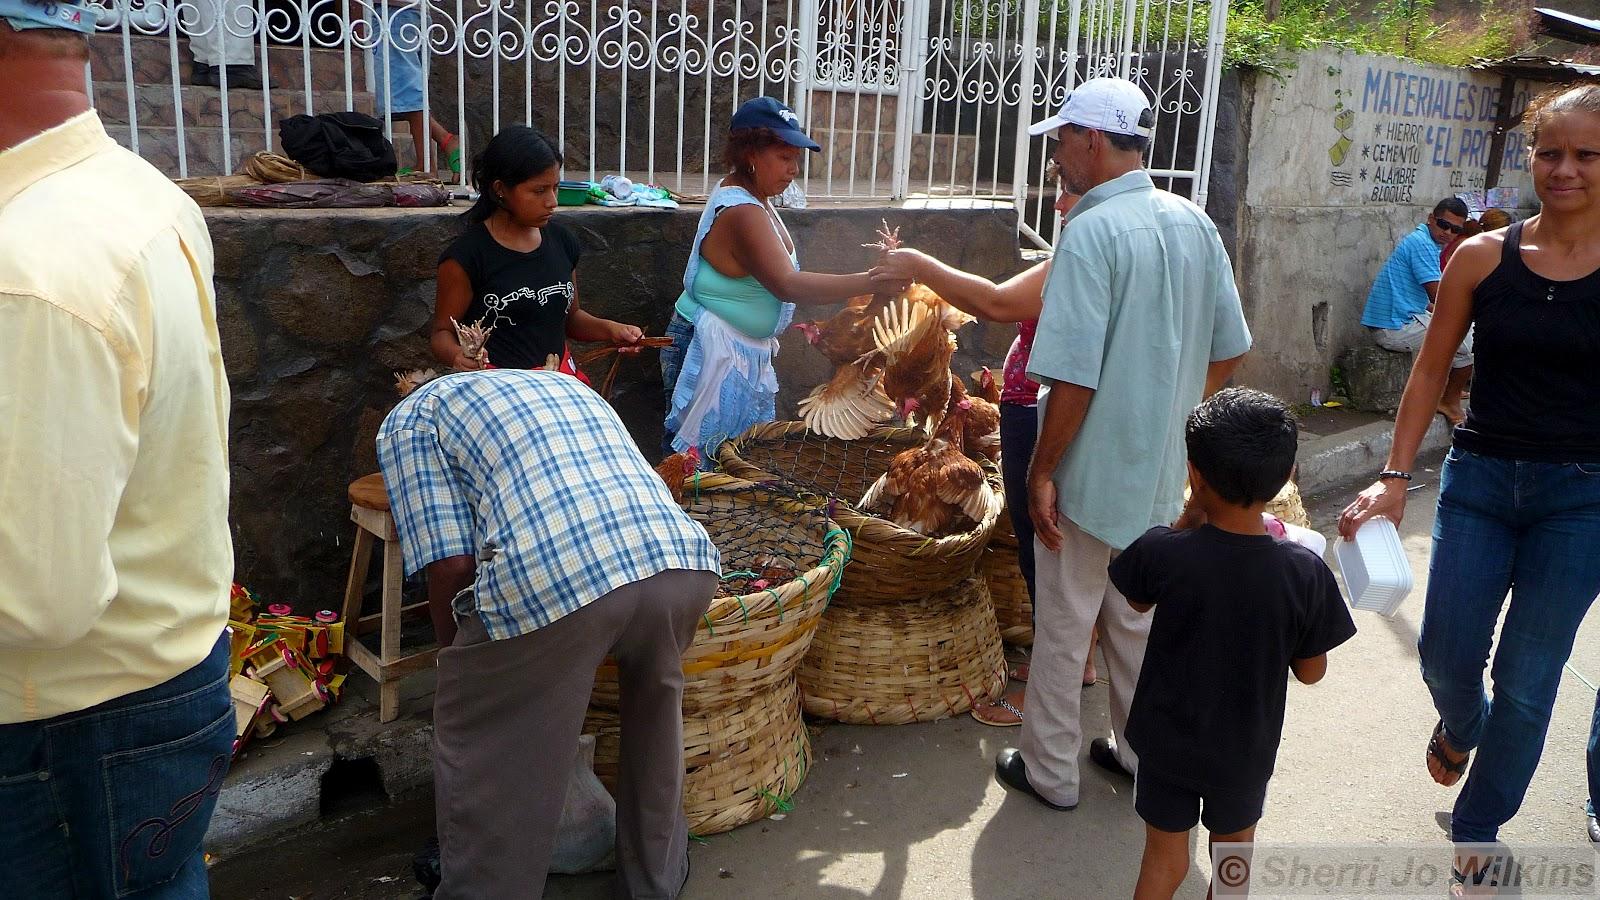 http://3.bp.blogspot.com/-Y_NPOyJnMuk/T_Bi-KE6gzI/AAAAAAAAJQY/Oz7mtqZzvLc/s1600/Grenada+Nicaragua+market+chickens+2266.jpg